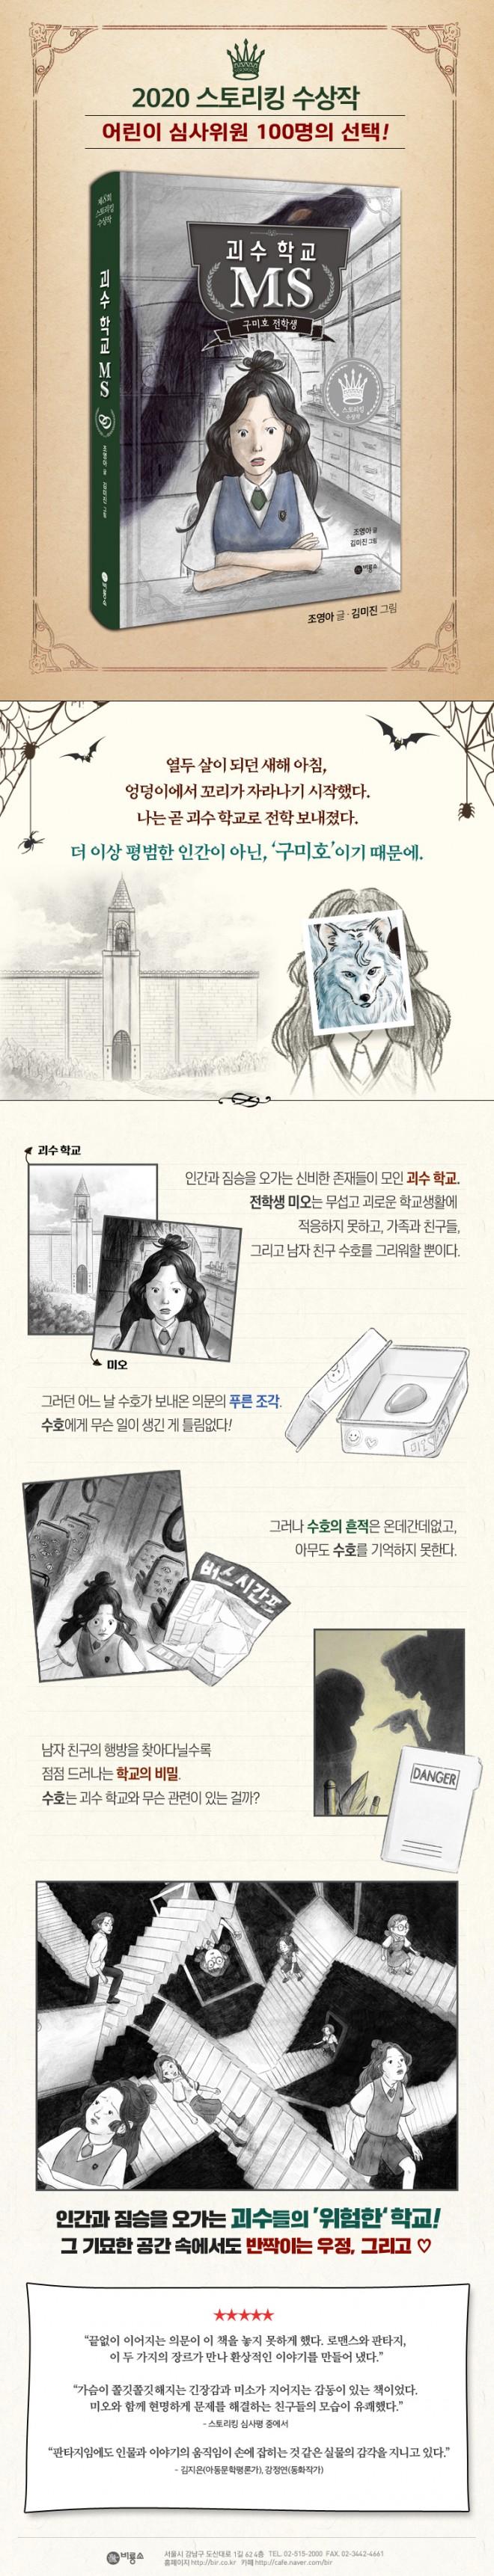 웹페이지_괴수학교MS_수정